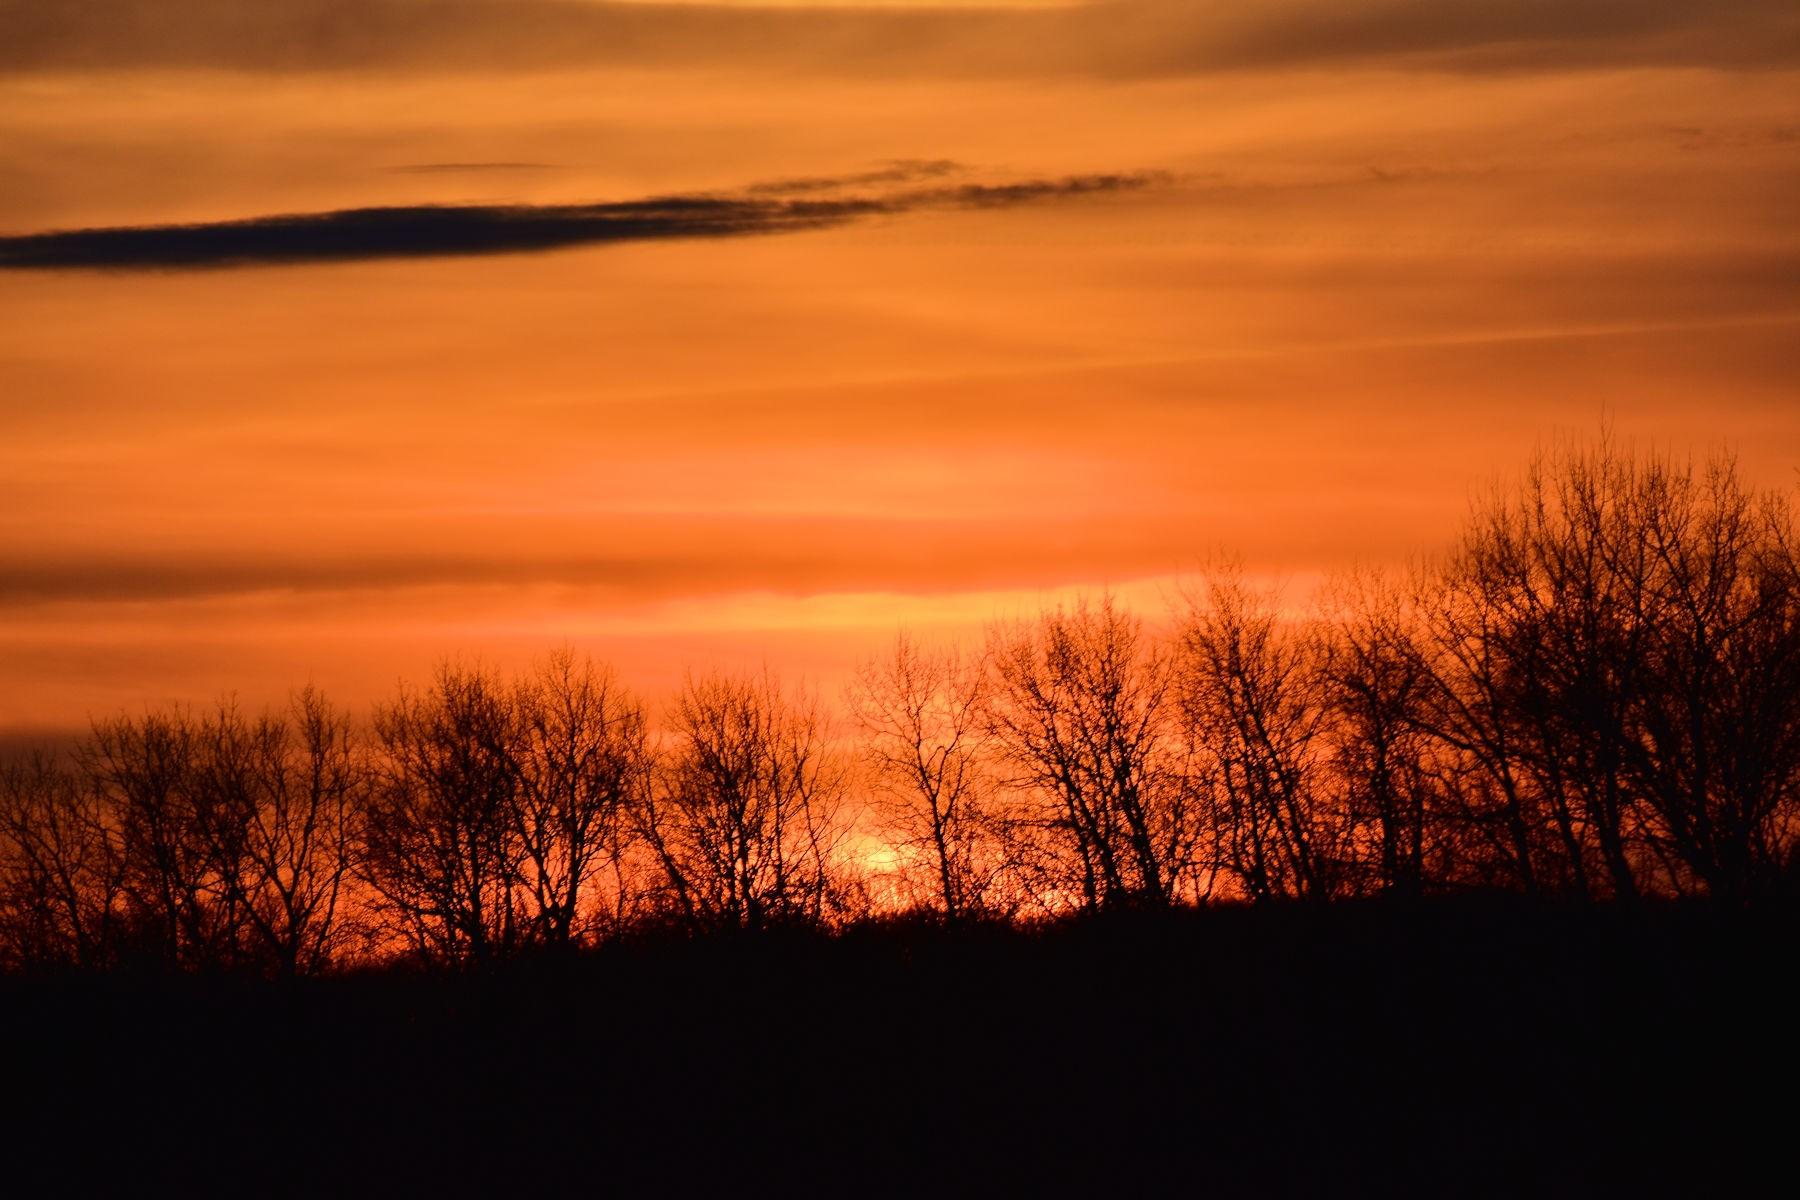 sunsetDSC_0545.jpg